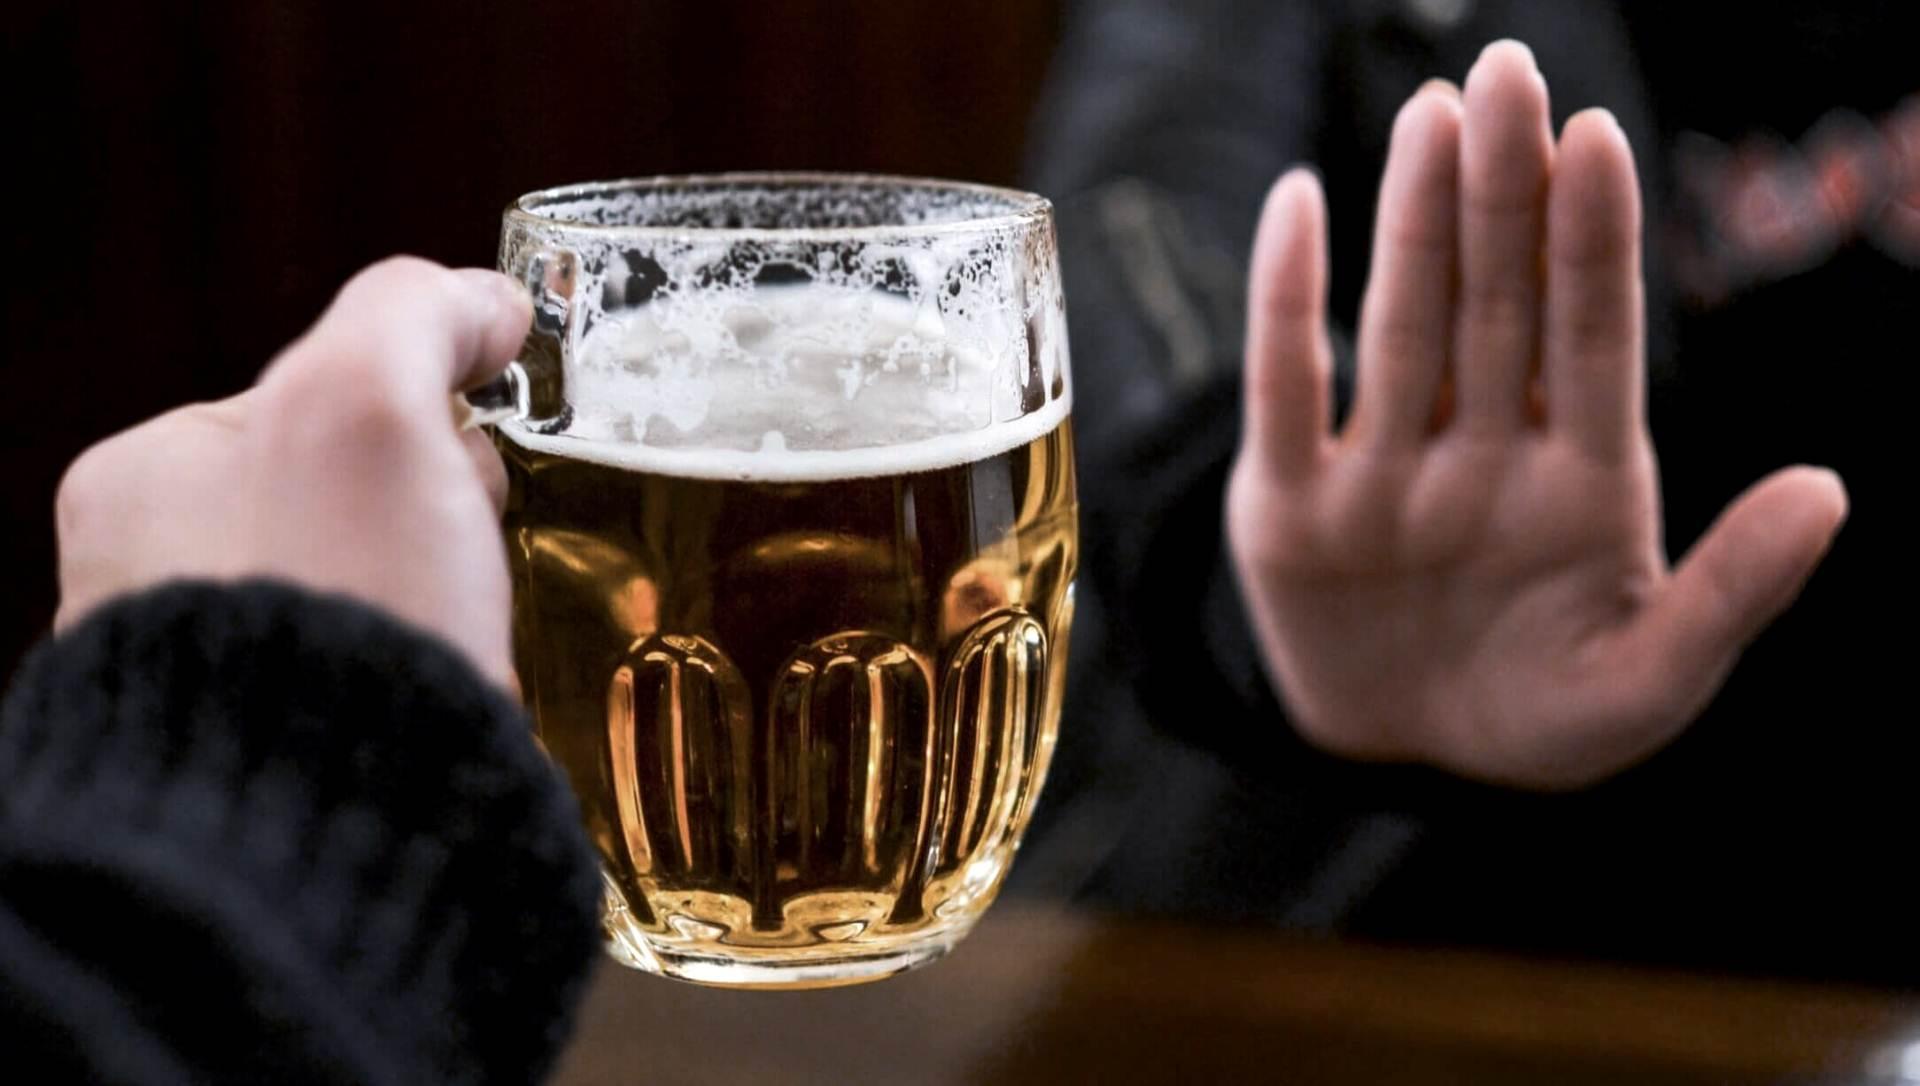 Advierten sobre los riesgos del consumo de alcohol en adolescentes | IMPULSO